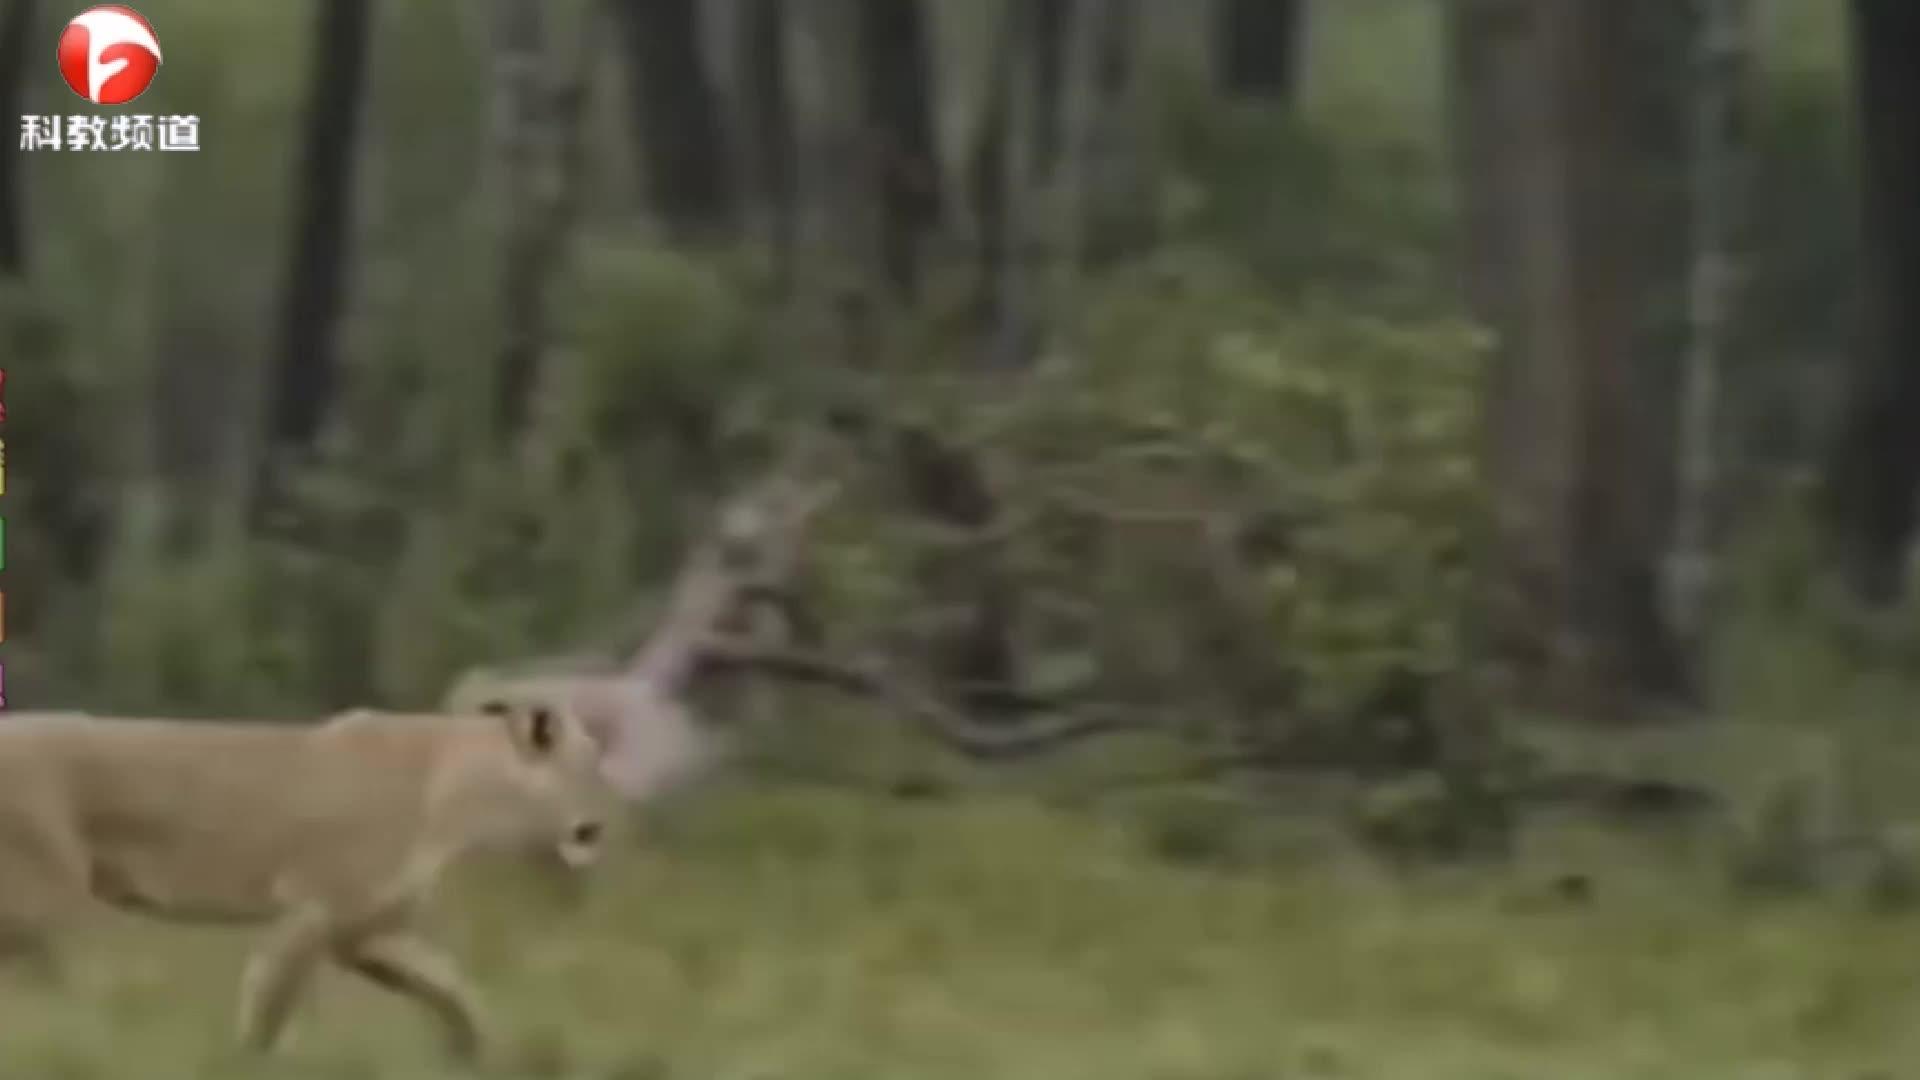 母狮子被扑倒,供水牛不顾危险,找狮子拼命!